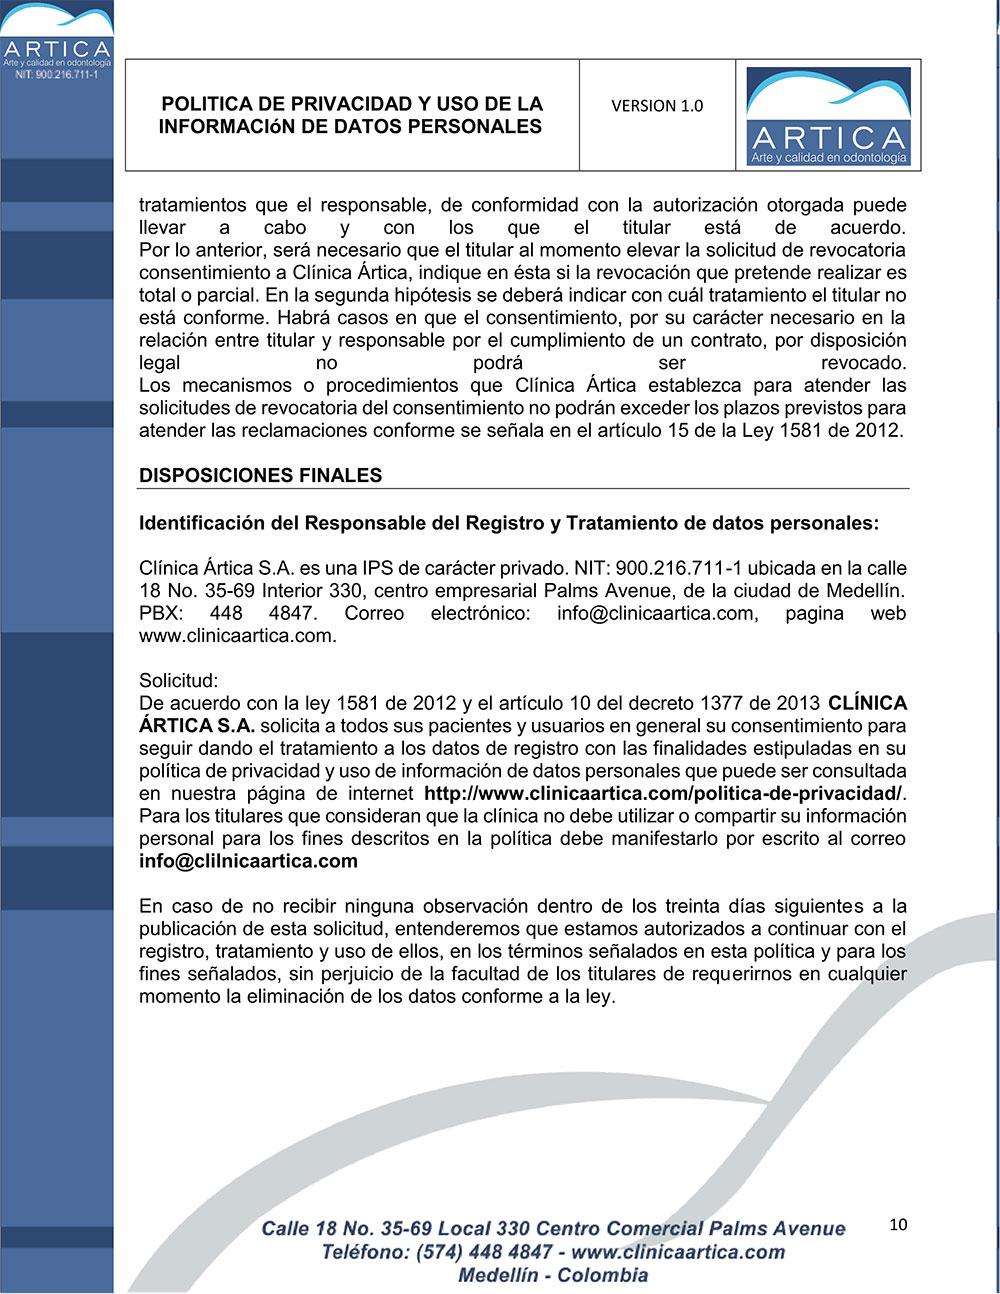 politica-de-privacidad-y-uso-de-datos-personales-clinica-artica-10